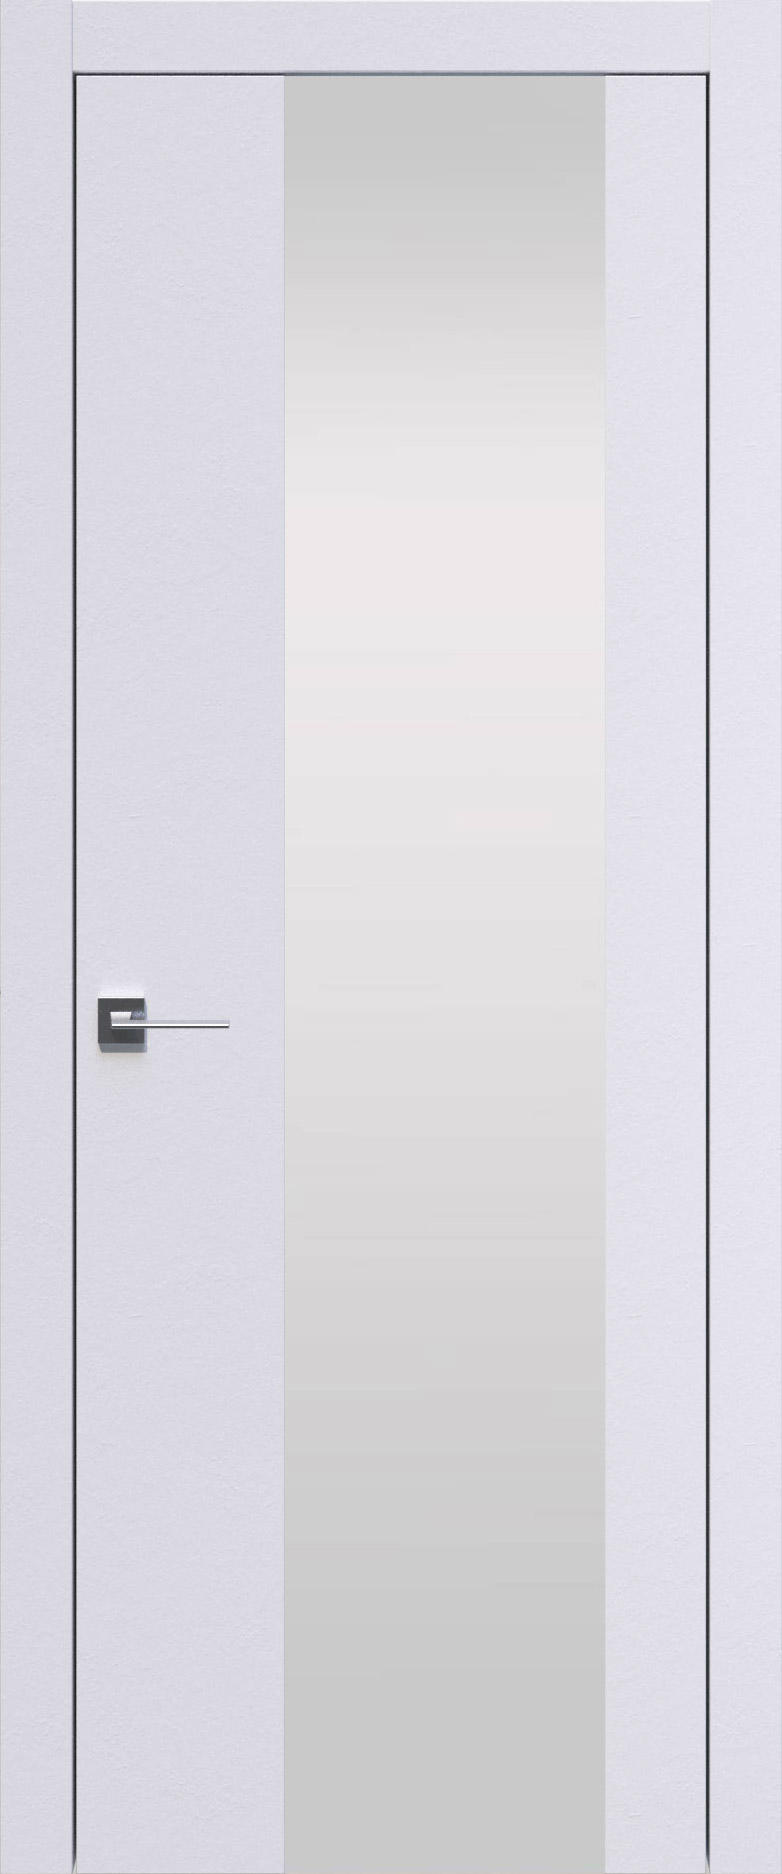 Tivoli Е-1 цвет - Арктик белый Со стеклом (ДО)